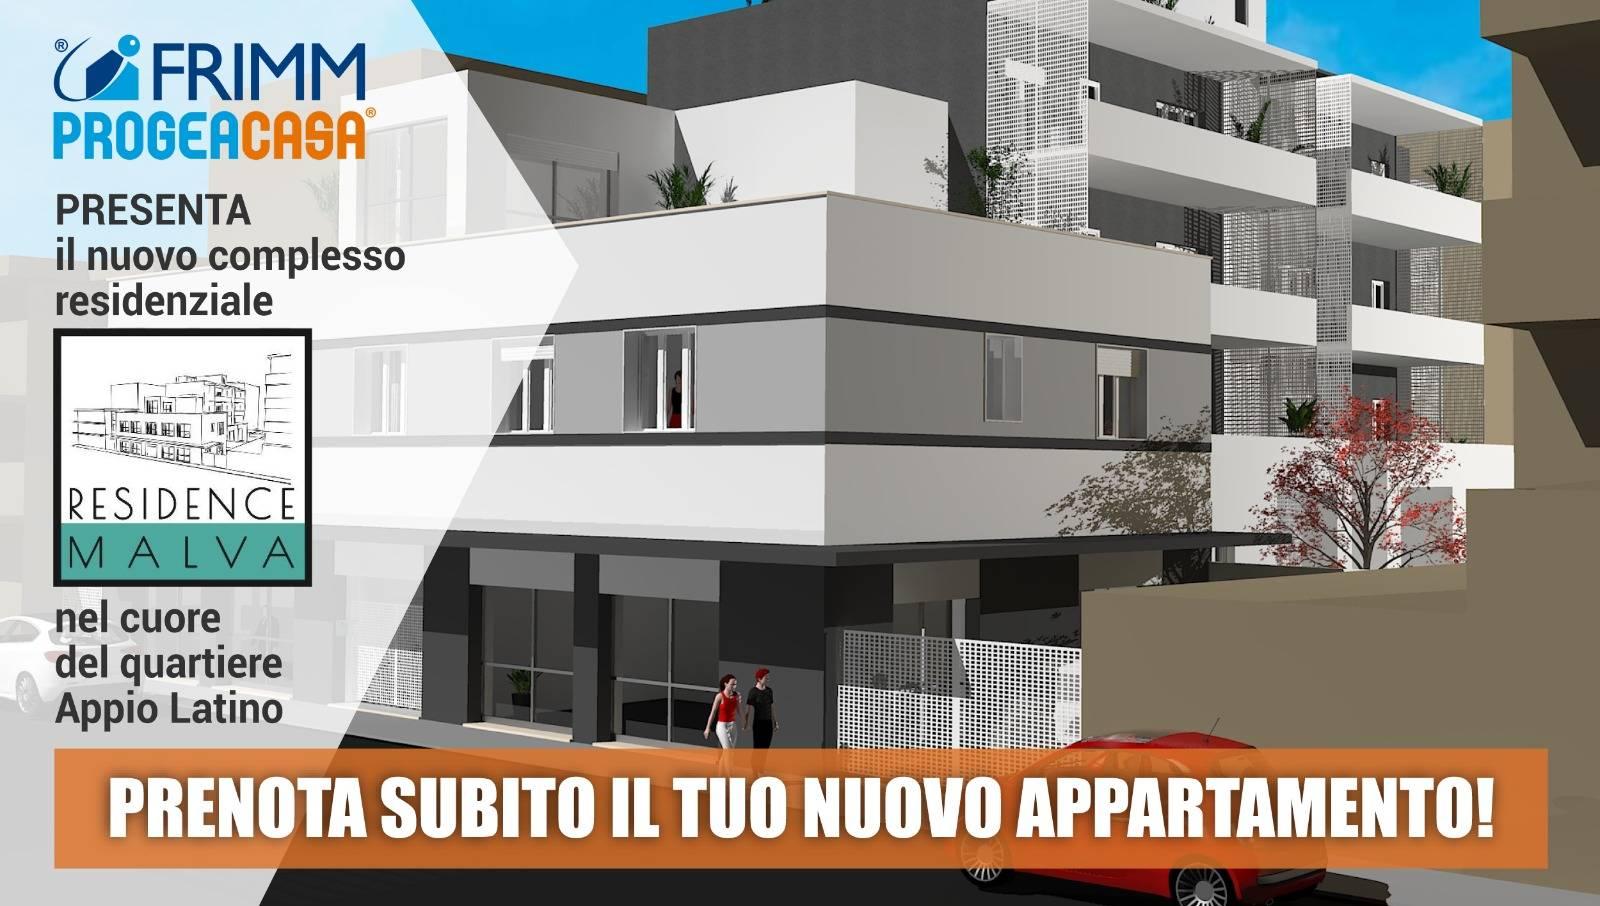 1118417053 Bilocale in Via Michele Amari, Roma, Zona Appio Latino Nuove Costruzioni